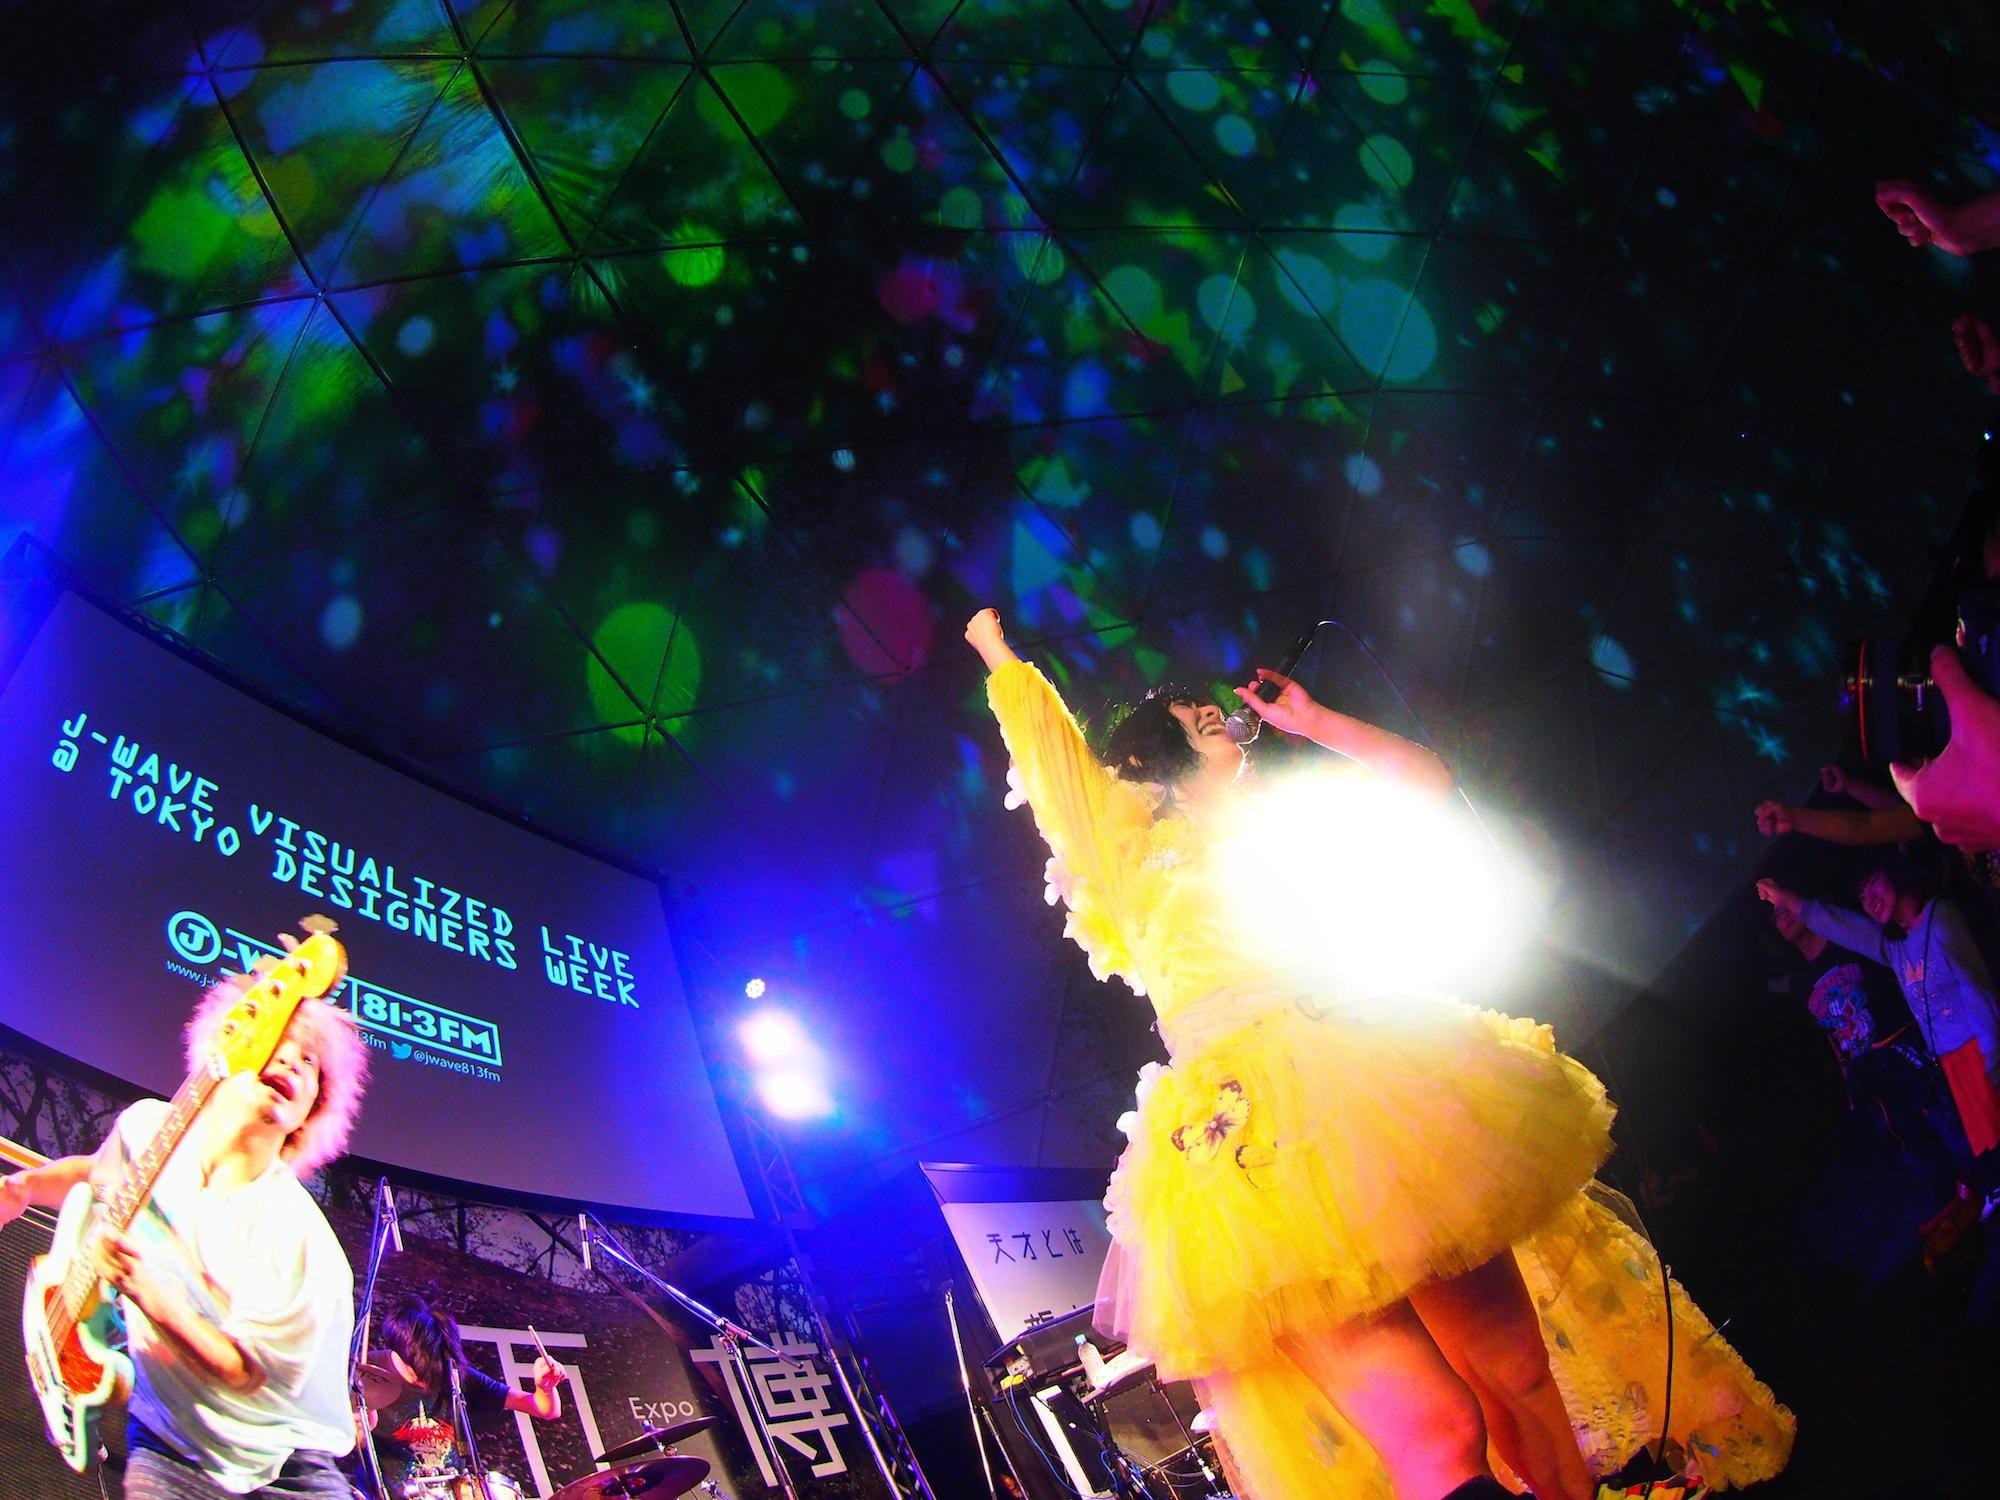 SEBASTIAN X、6日前の最新ライブ&2013年リキッドワンマン映像をYouTube公開